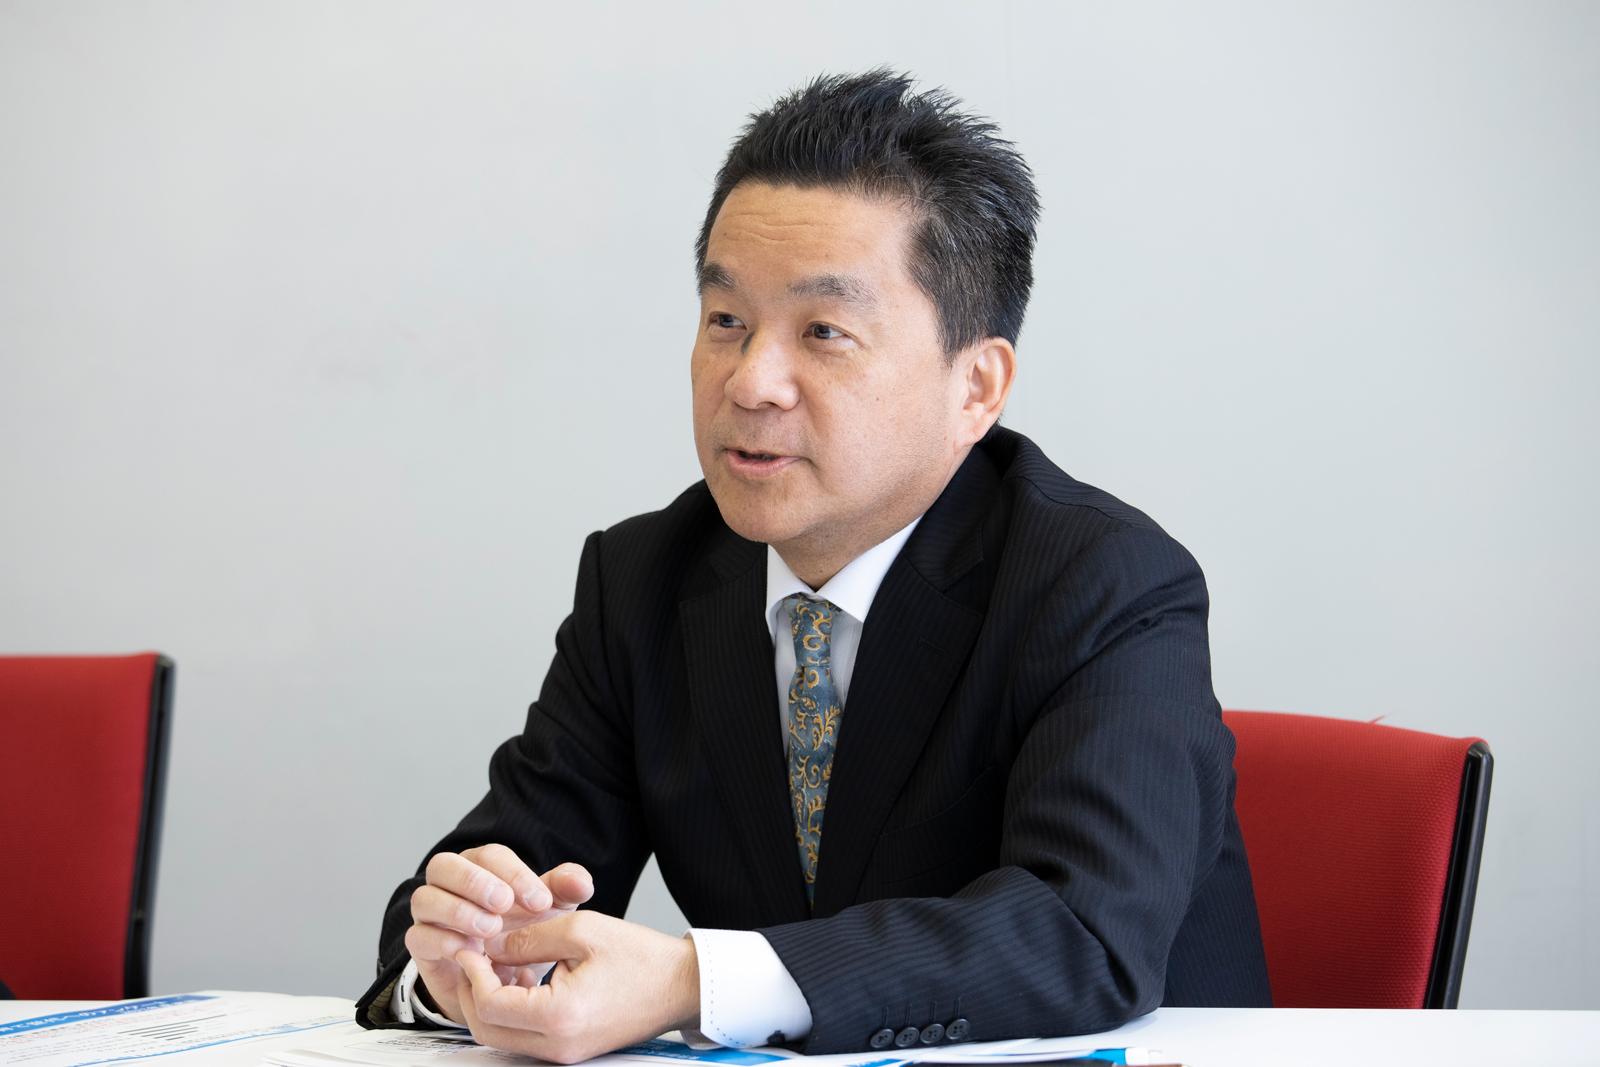 柴田随道教授